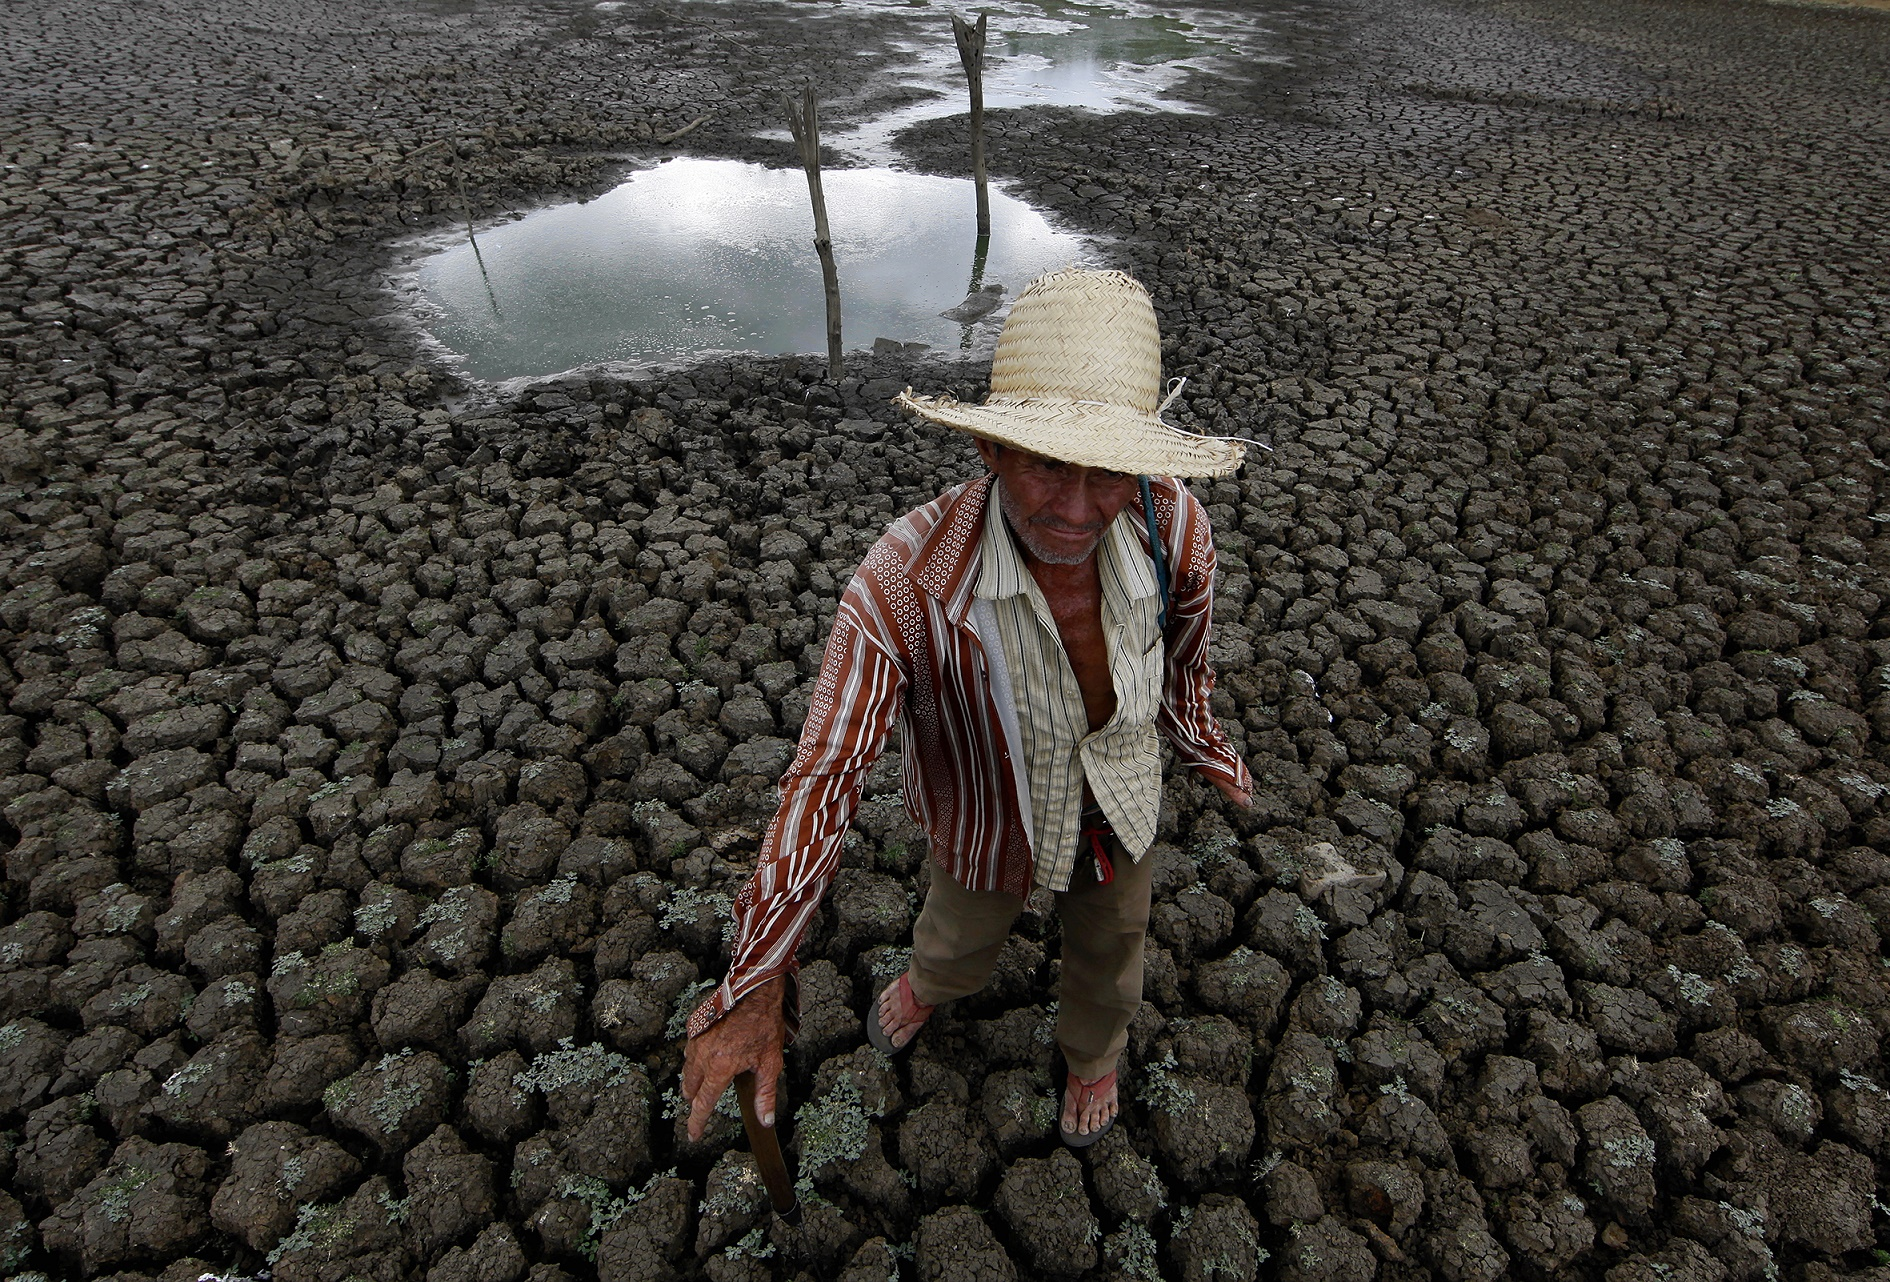 A seca que assola o Nordeste do país, ano após ano, é uma, mas não a principal causa das nossas crises hídricas